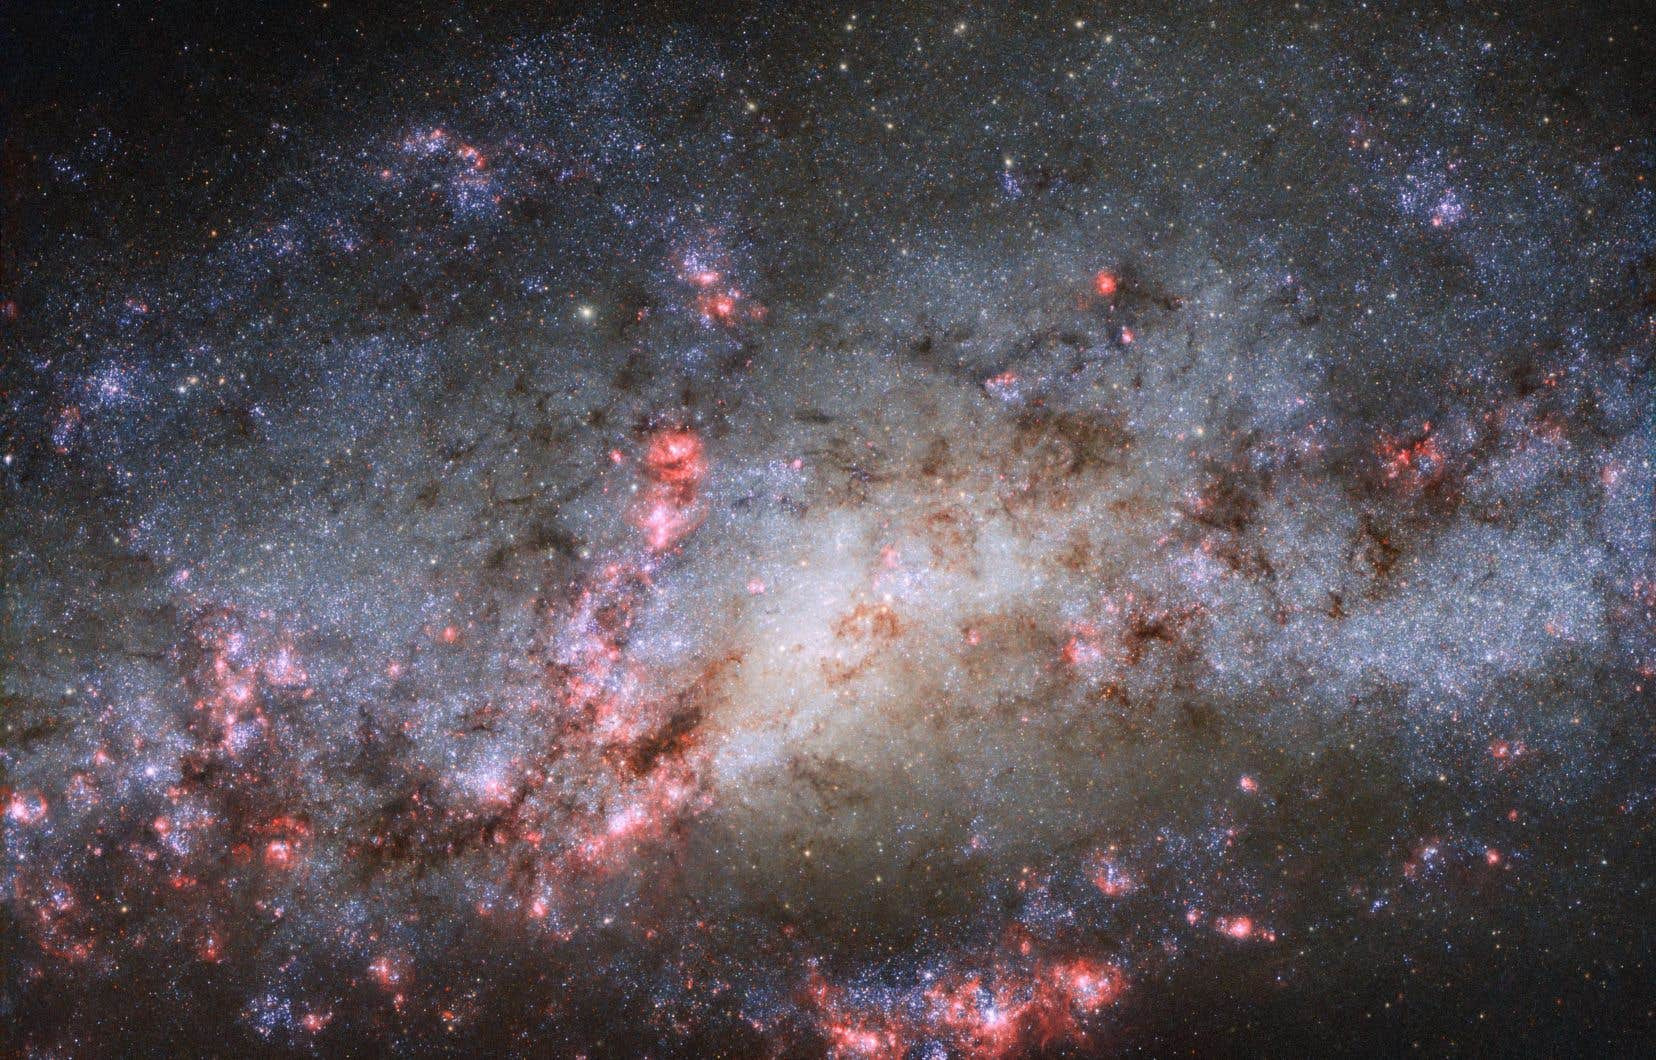 Mis en orbite par les navettes spatiales dans les années 1990, <em>Hubble</em> et <em>Chandra</em> font partie du projet «Great Observatories» de la NASA.